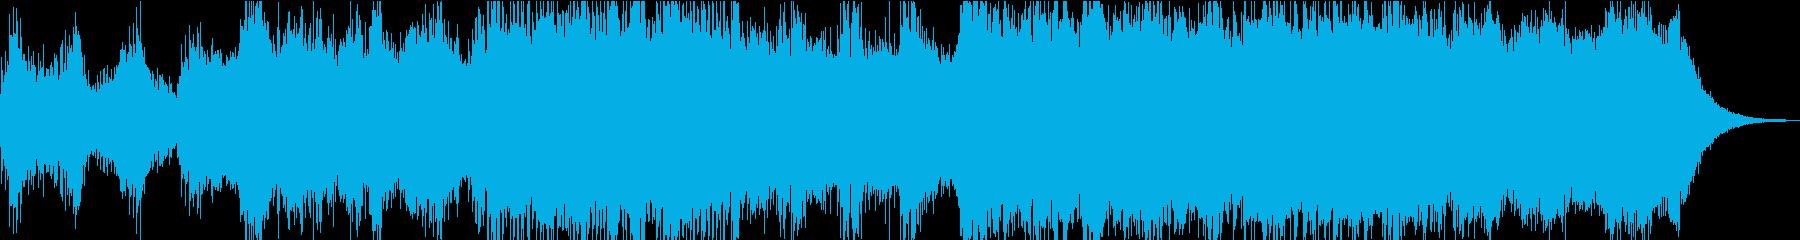 宇宙のようなチルアウトグルーヴの再生済みの波形